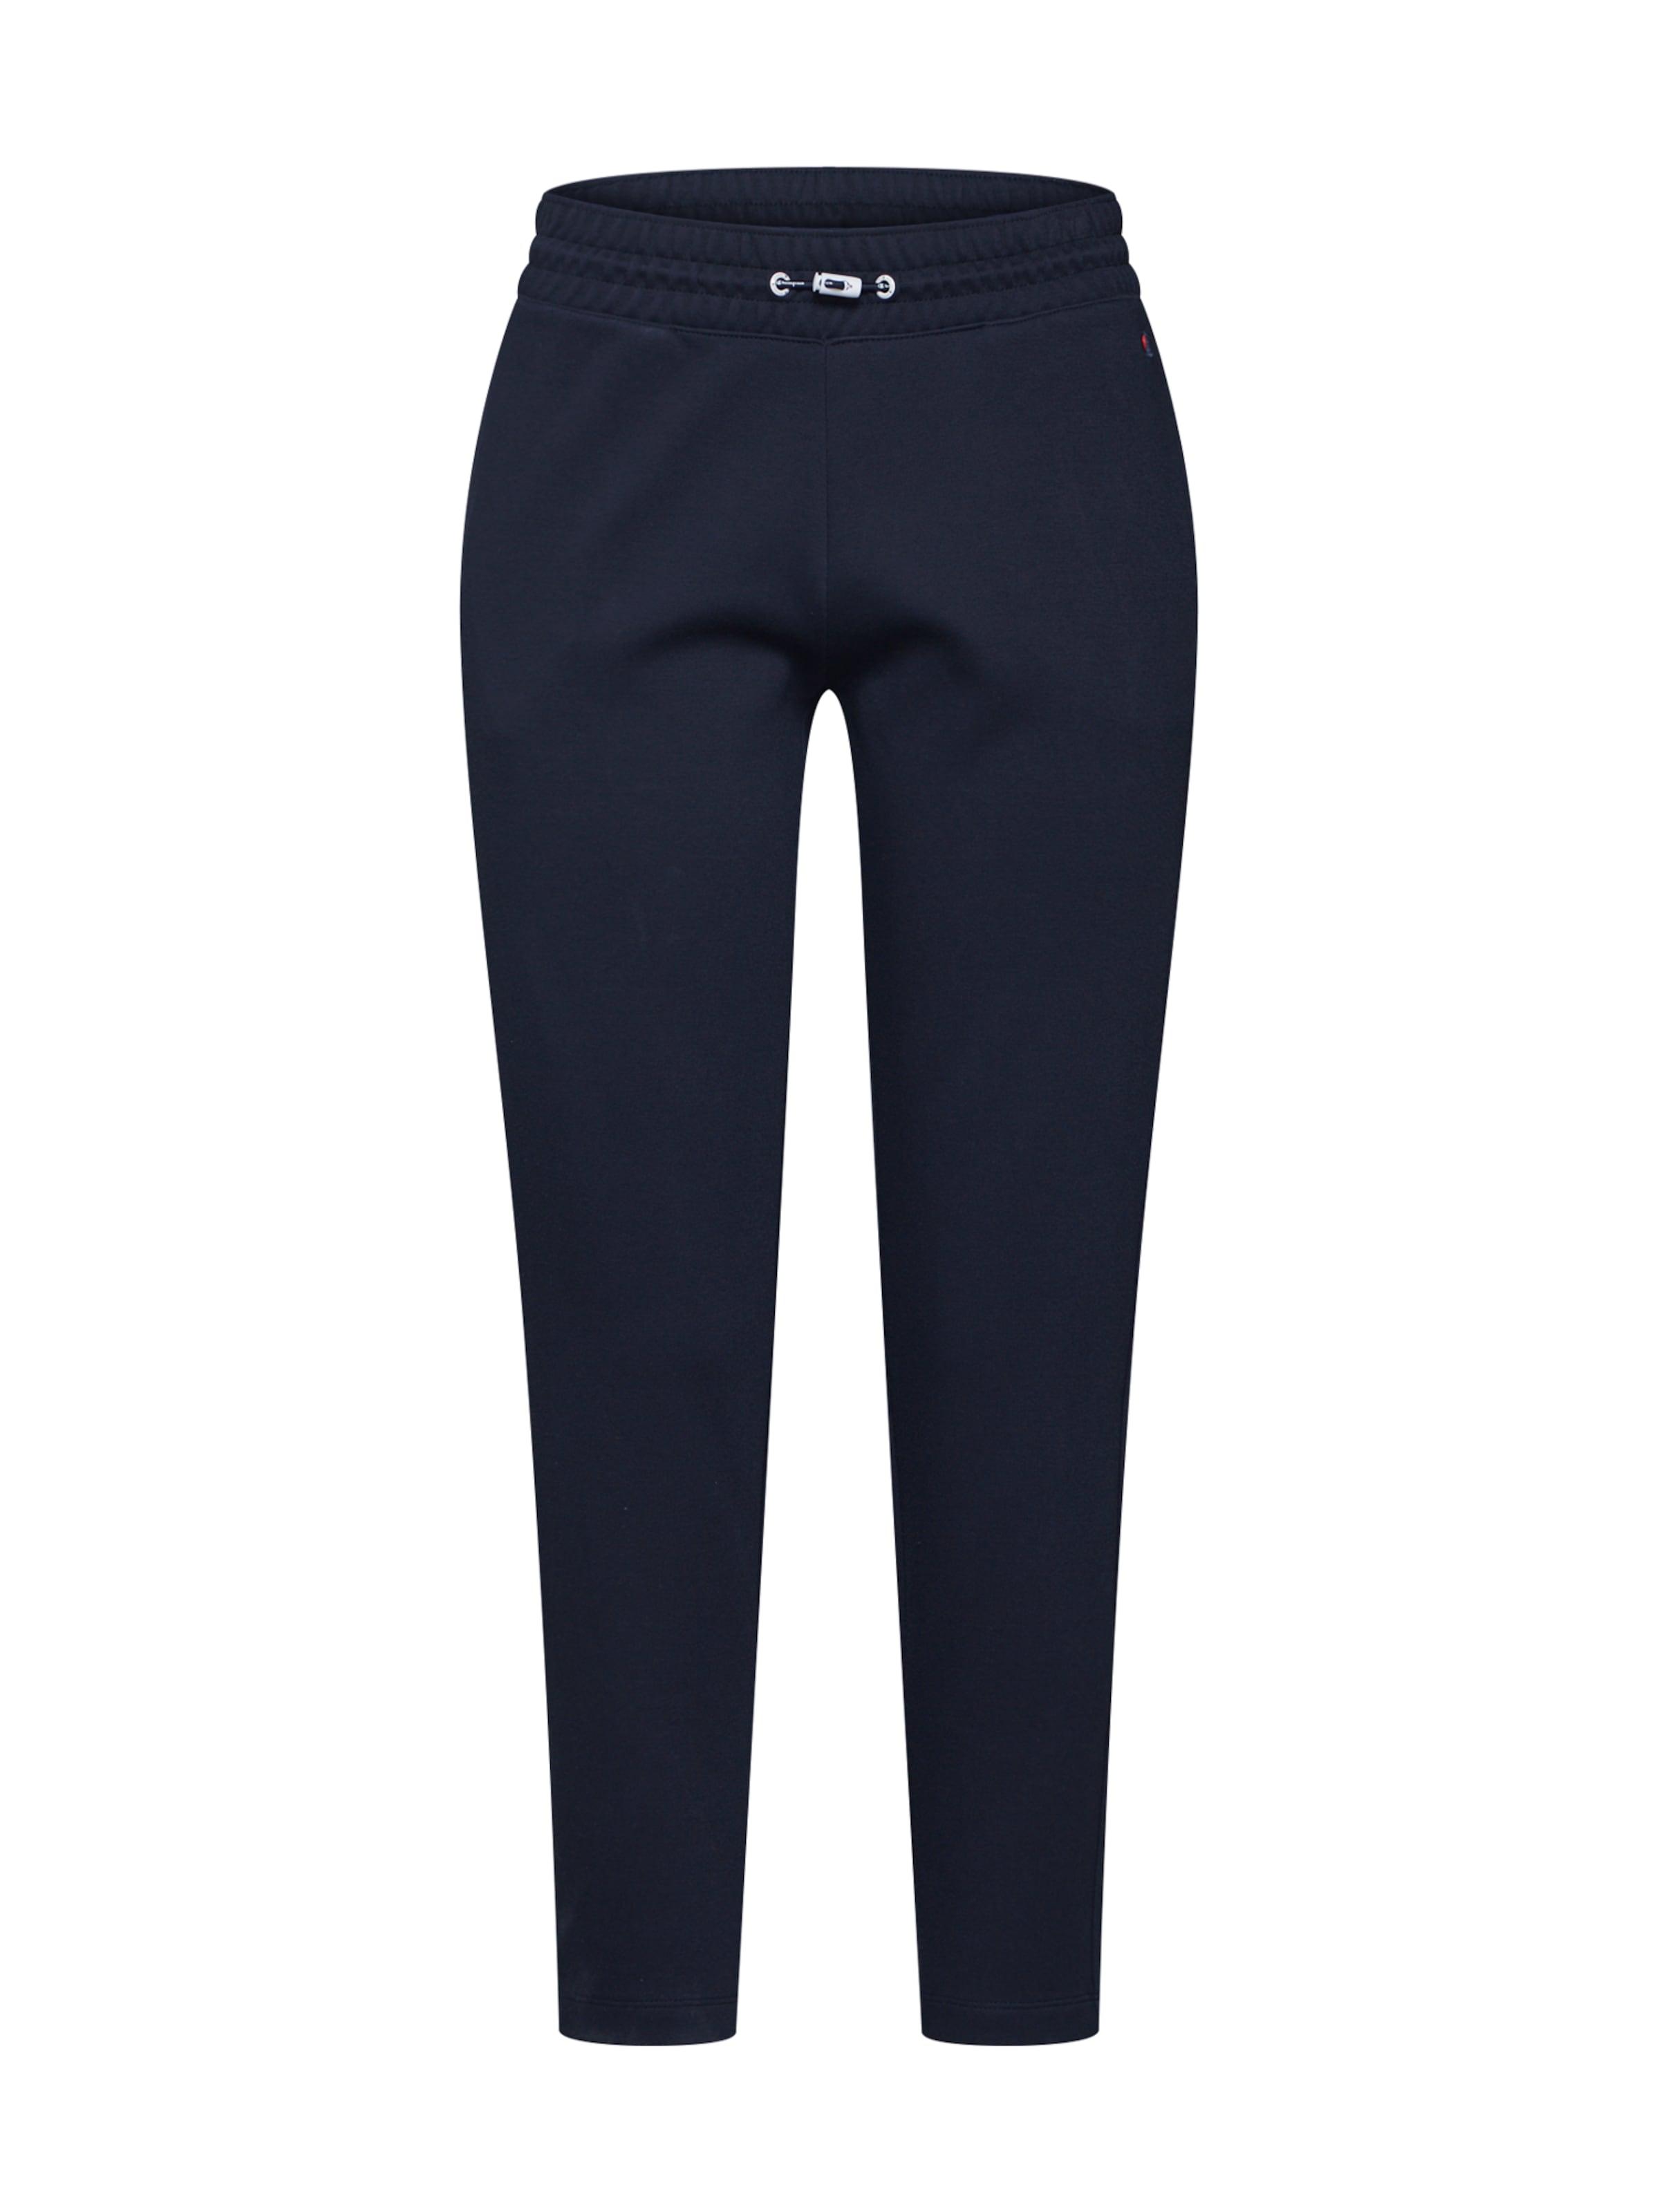 Rose Apparel Pants Authentic En Champion Athletic Studio' '7 Pantalon 8 jpSqVLUzMG